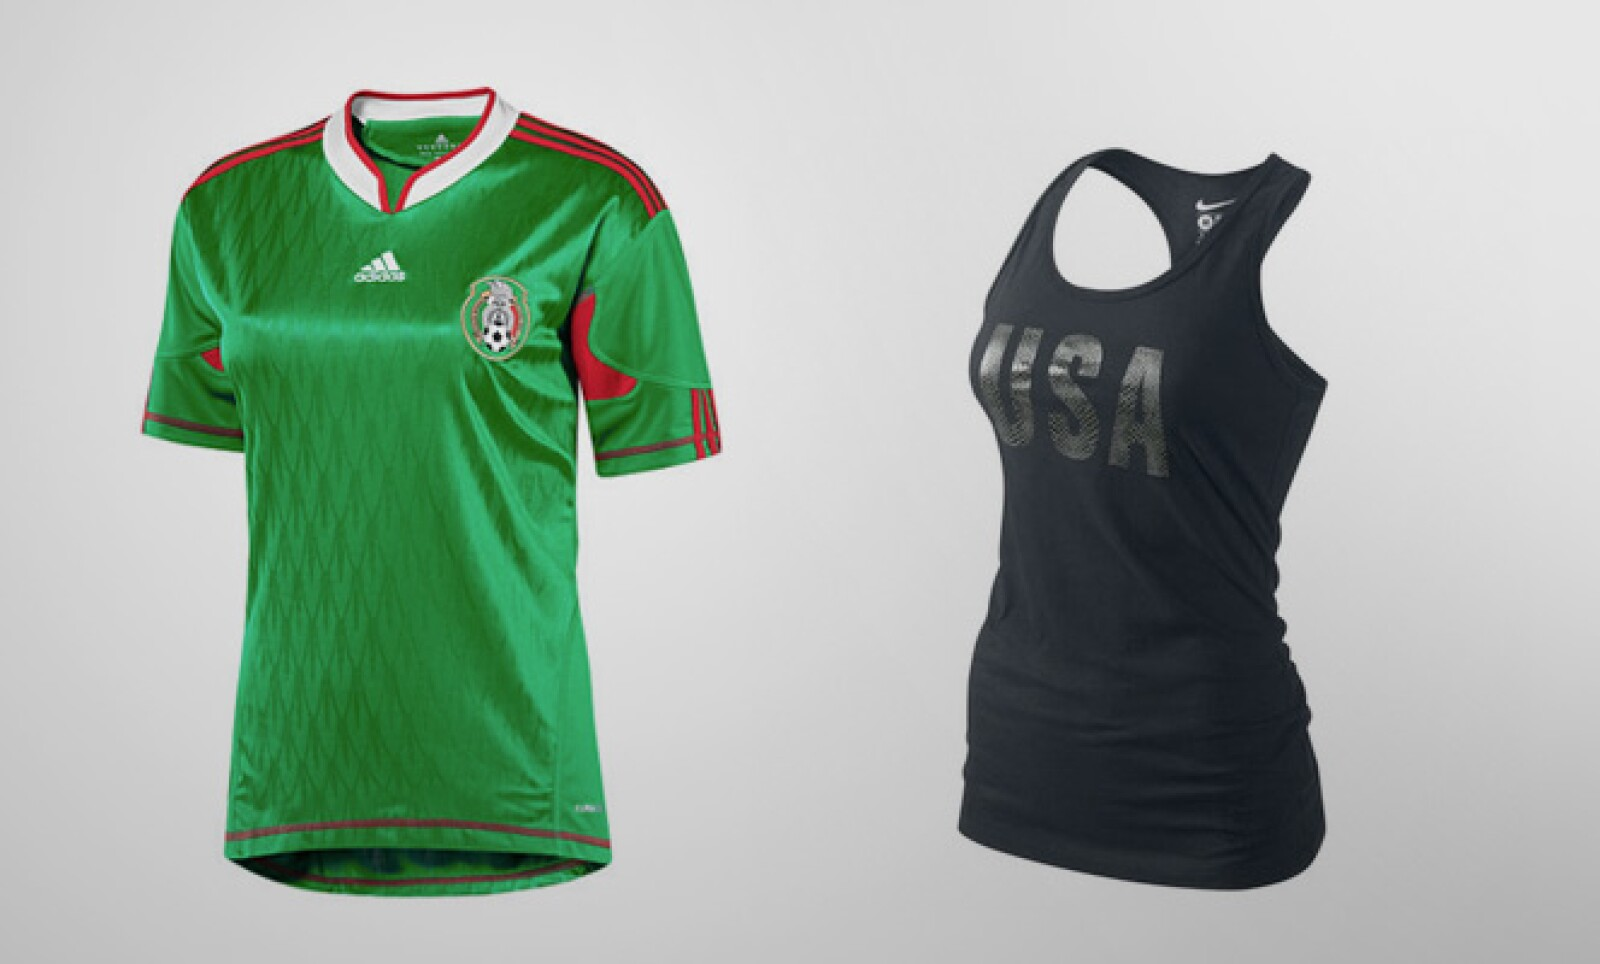 Las mujeres también tienen opciones para apoyar a su equipo favorito. La casaca mexicana tiene un costo de 42 dólares, mientras que la playera de EU cuesta 27 dólares.